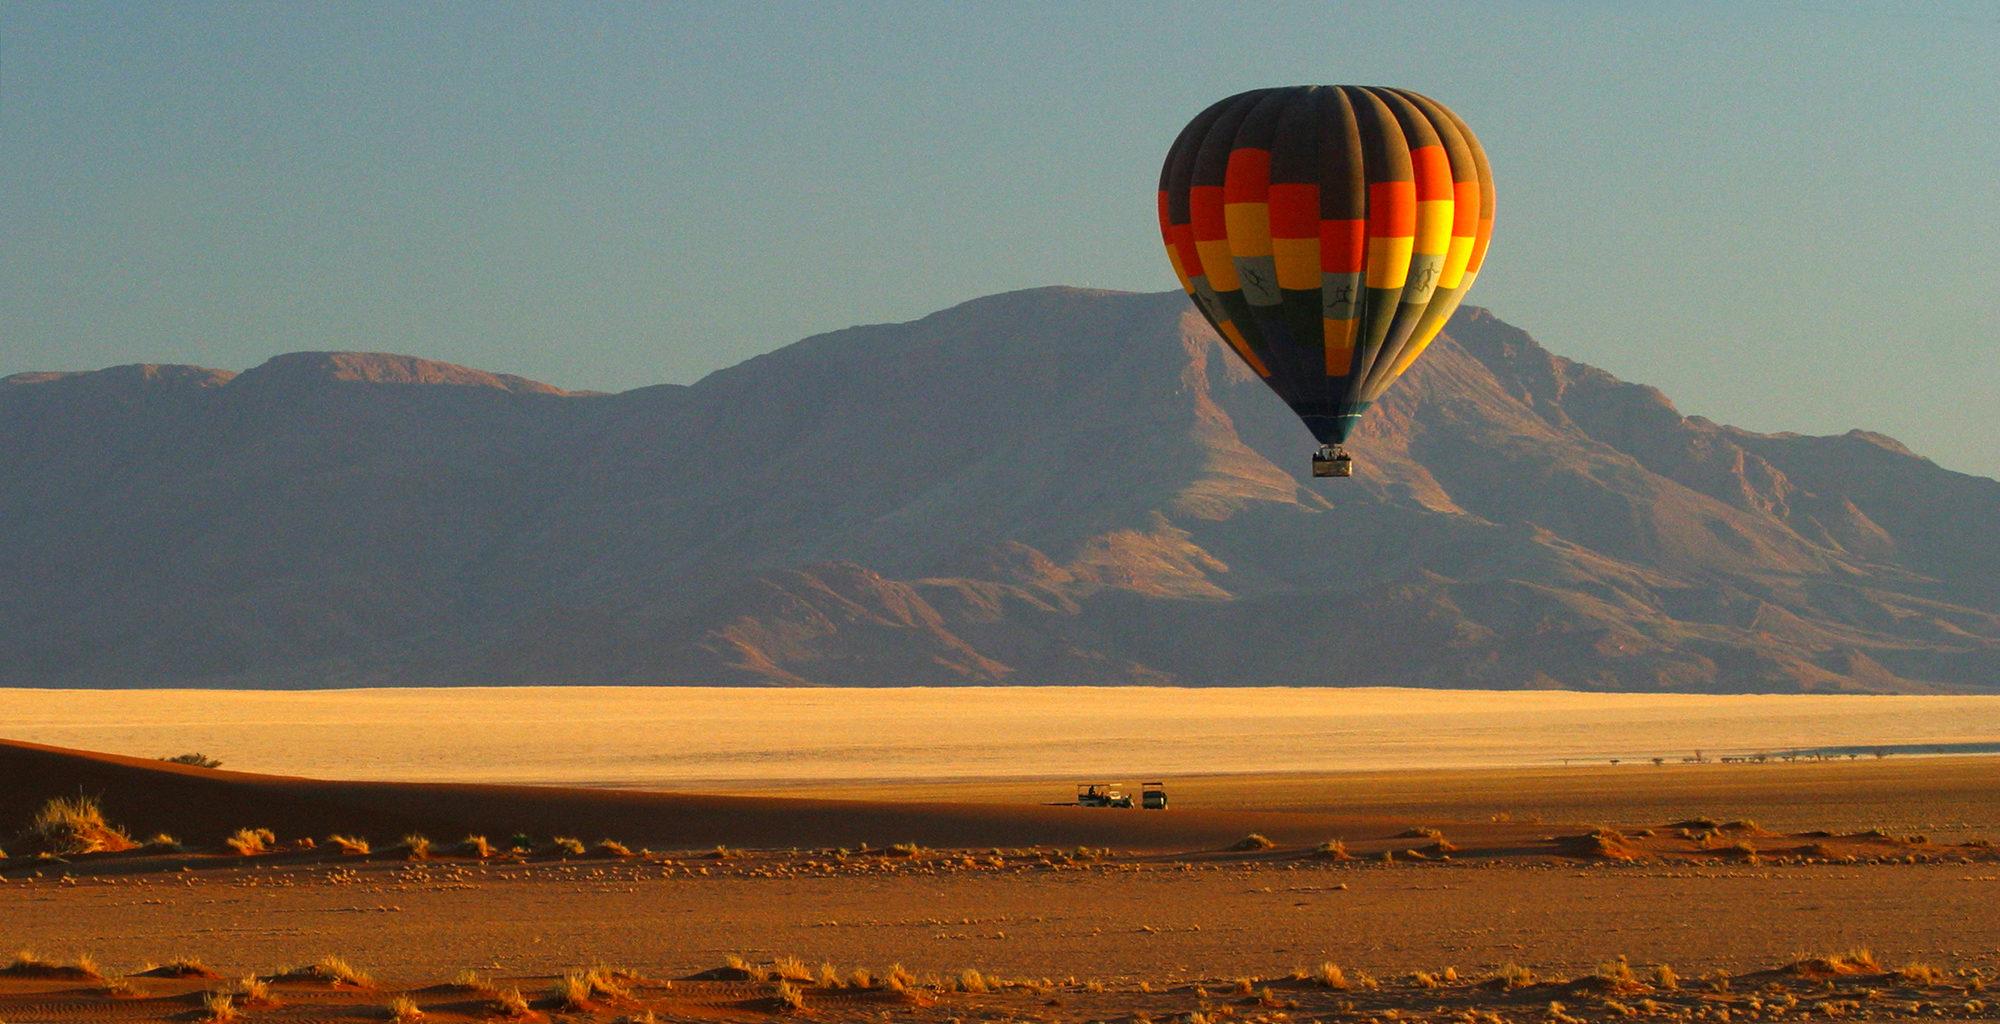 Namibia-NamibRand-Reserve-Ballooning